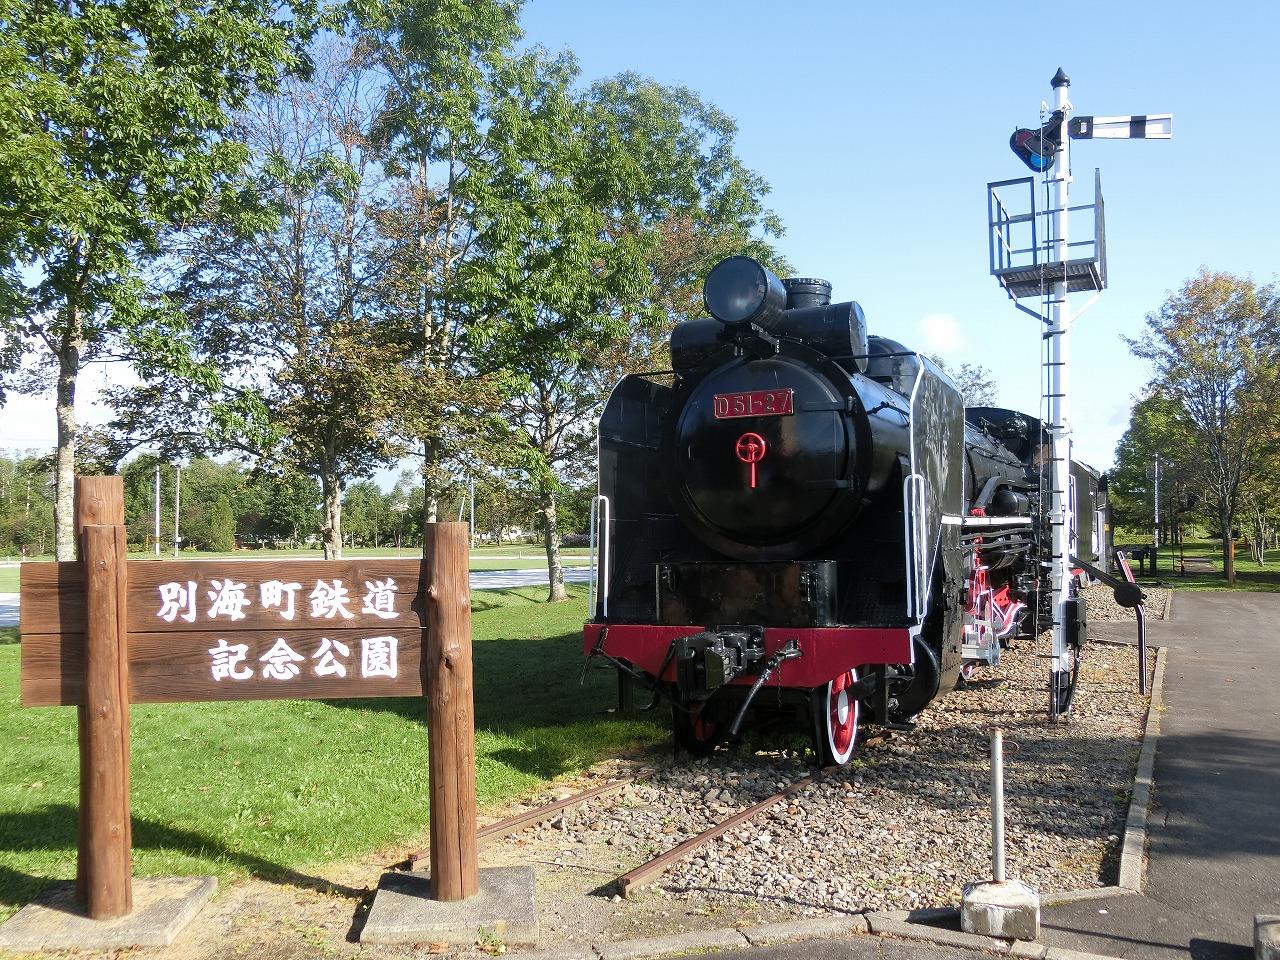 西春別駅跡にある別海町鉄道記念公園と鉄道資料館で標津線について学ぶ ...